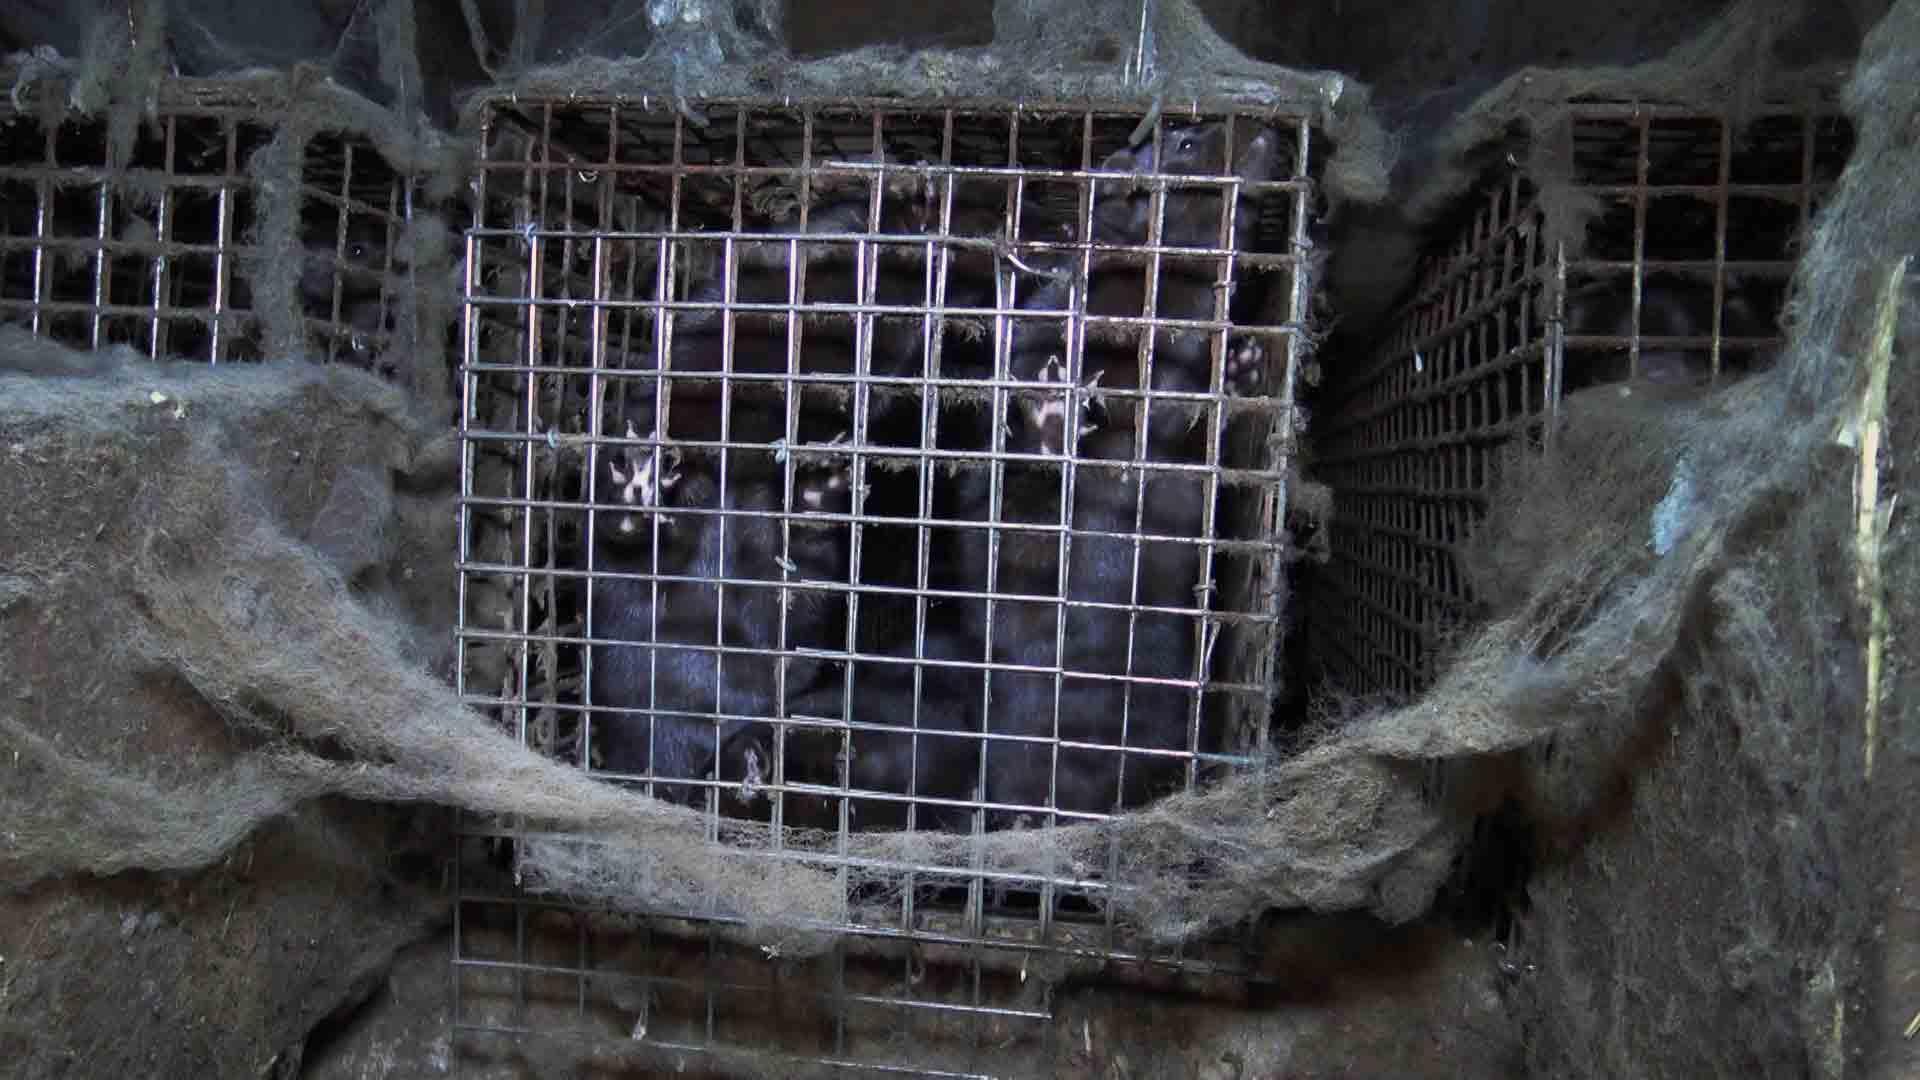 Le Jury de déontologie publicitaire donne raison à PETA contre une publicité trompeuse de l'industrie de la fourrure